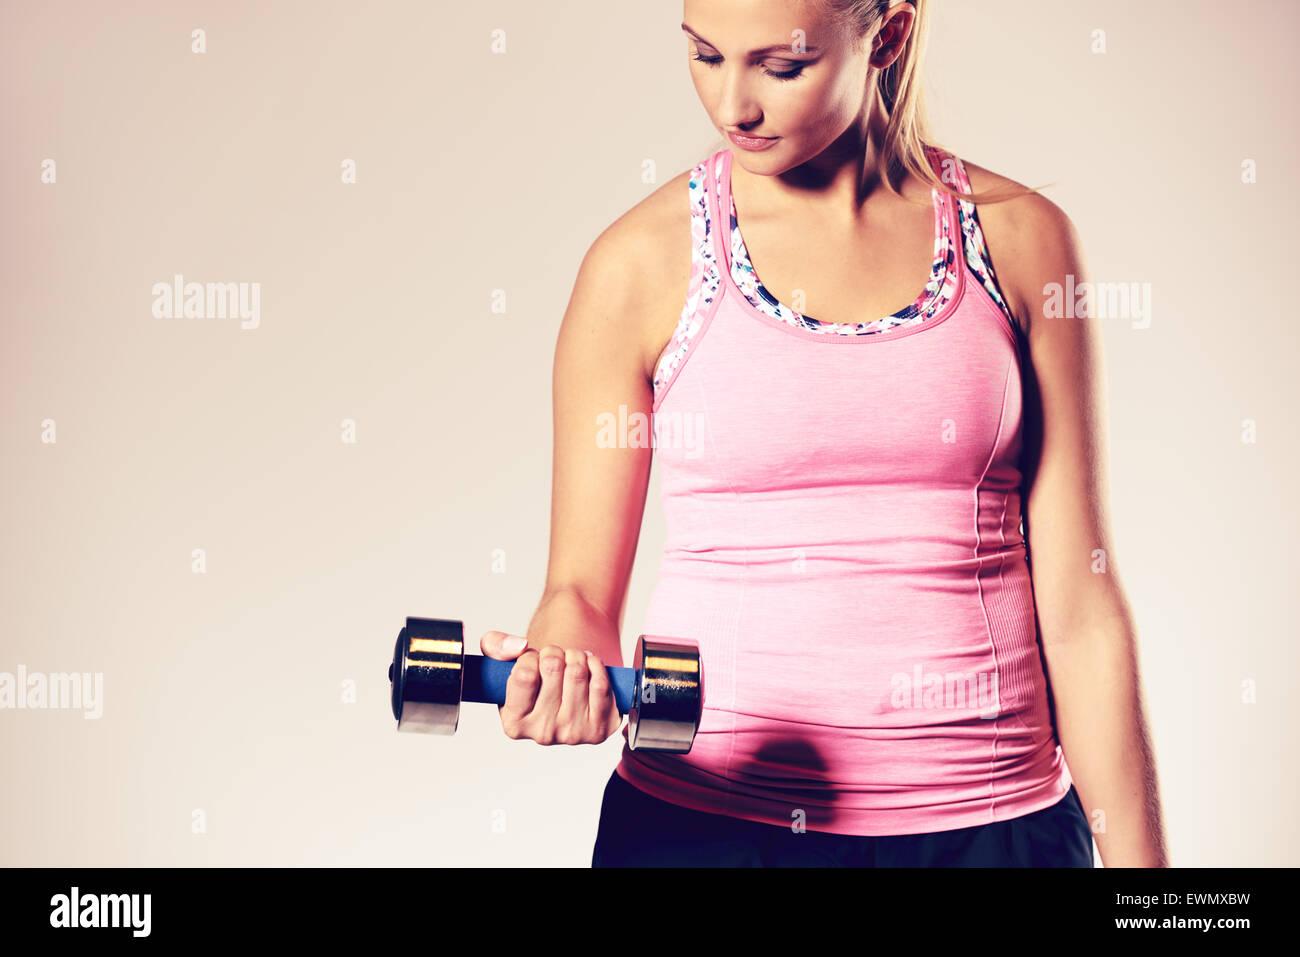 Mujer joven trabajo permanente a la parte superior del cuerpo, haciendo un bíceps curl. Imagen De Stock